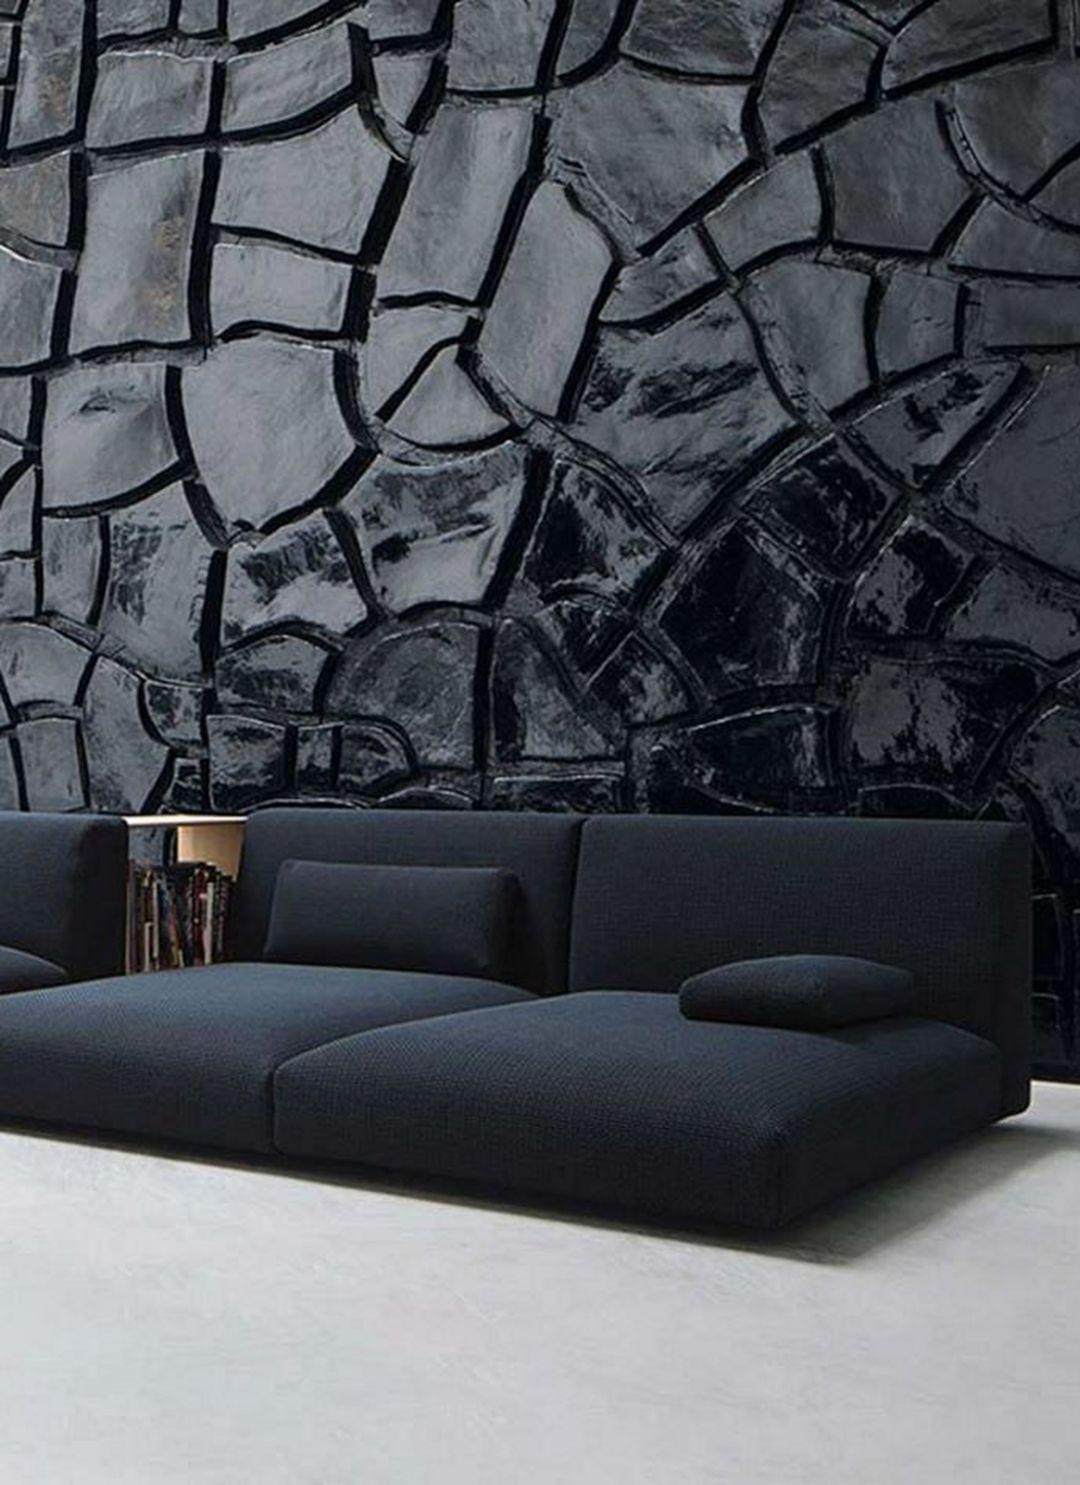 Pin von Free-Home-Design auf Wandgestaltung Inspiration | Pinterest ...